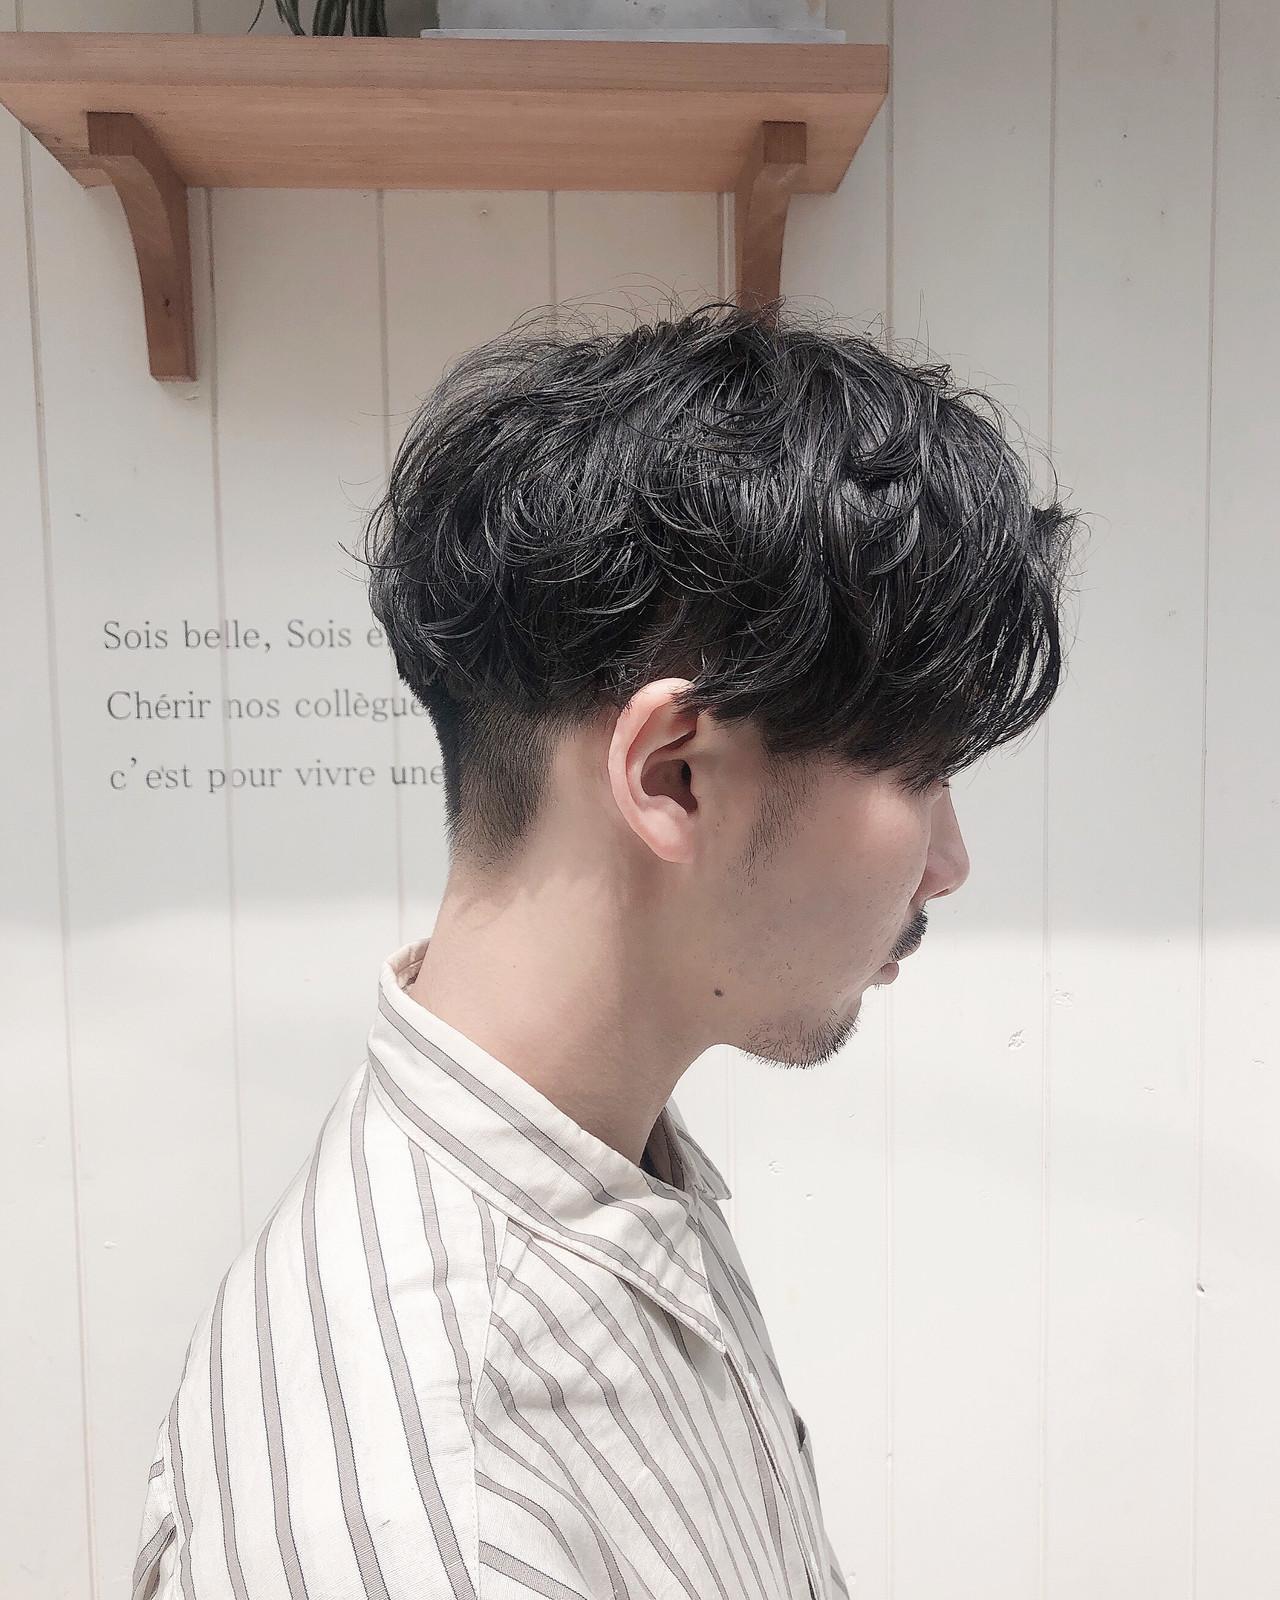 ナチュラル メンズショート メンズカット メンズパーマ ヘアスタイルや髪型の写真・画像